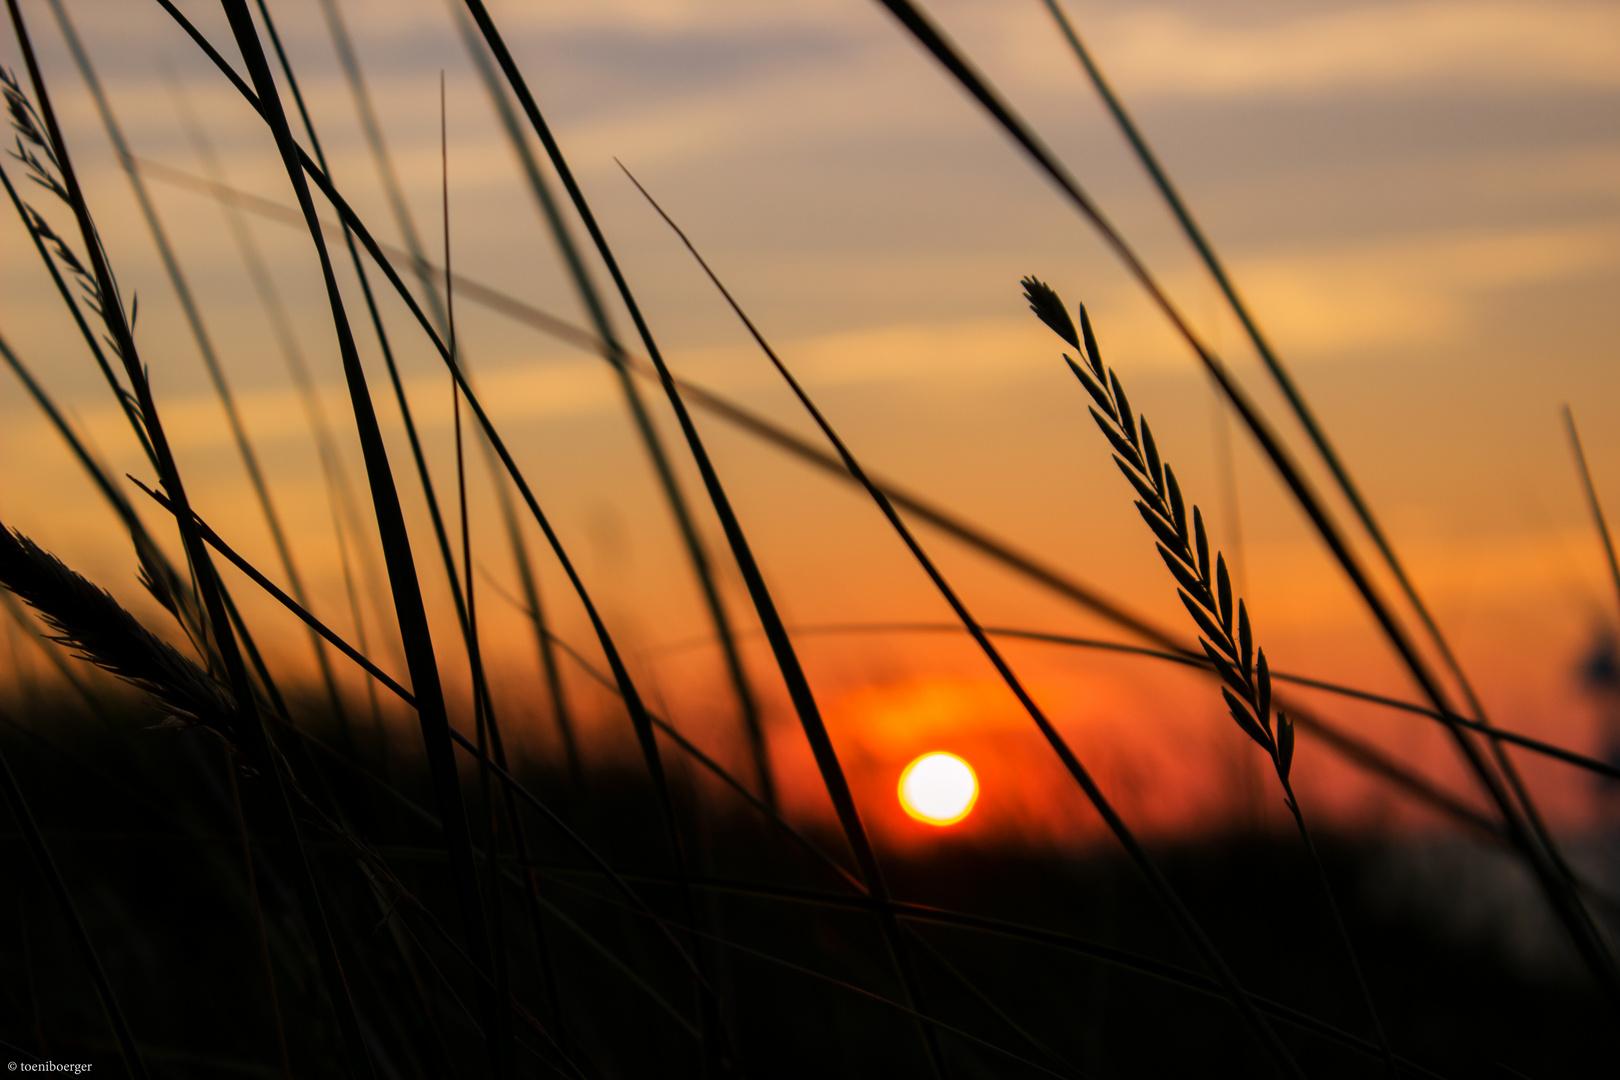 Dünengräser im Sonnenuntergang (Norderney)